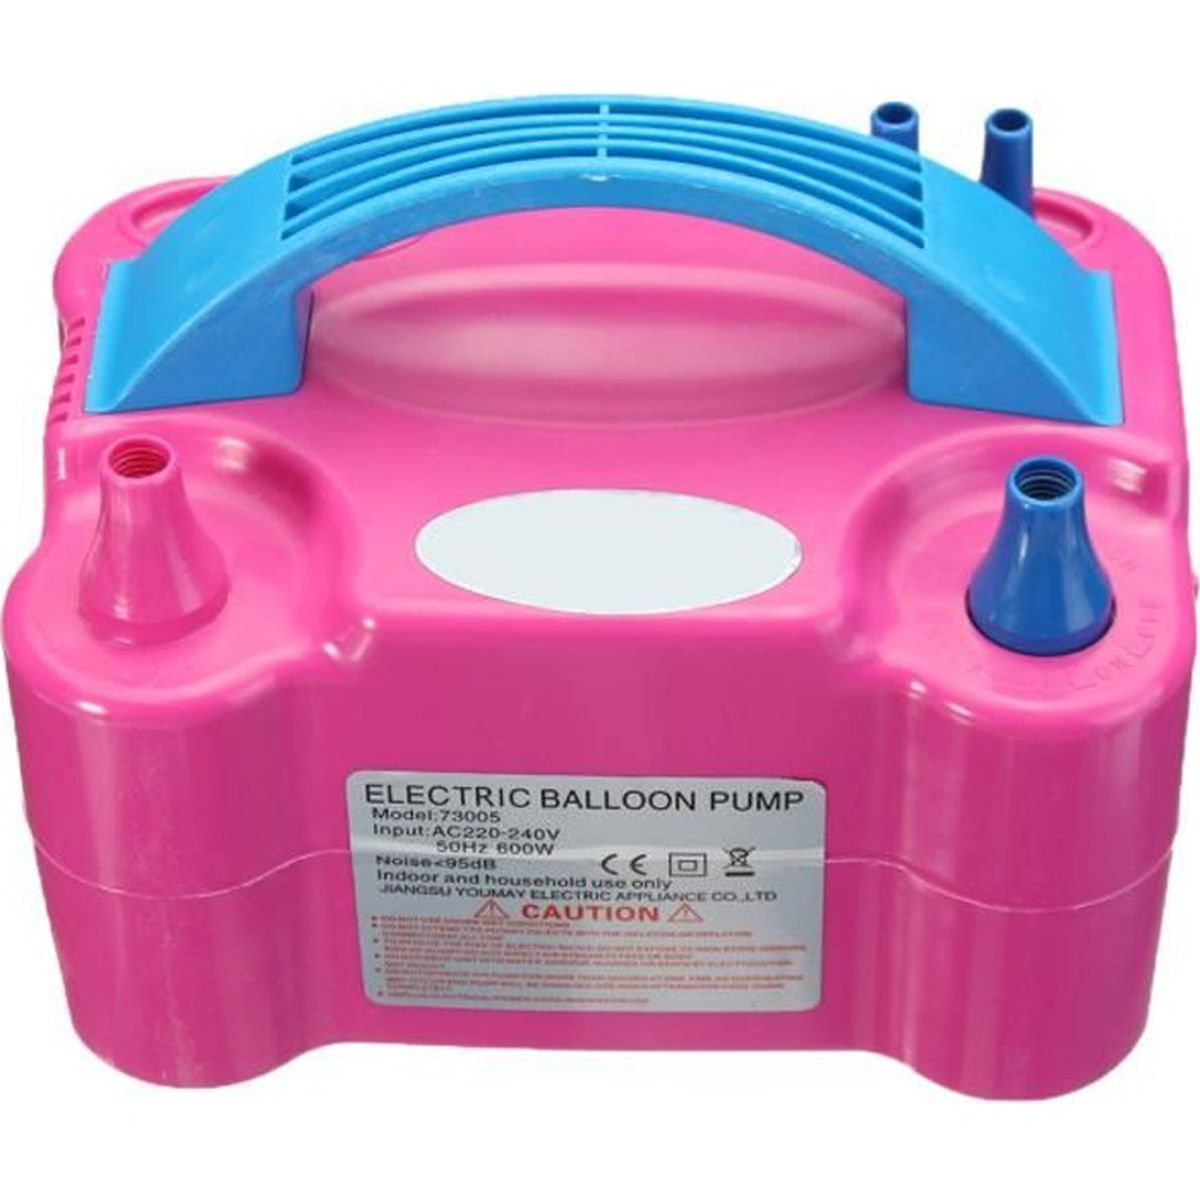 Gonfleur Ballon Electronique Portable,Morpilot Pompe dAir Intelligent avec Aiguilles pour Football,Basket-Ball,Volley-Ball et Bouée AP1